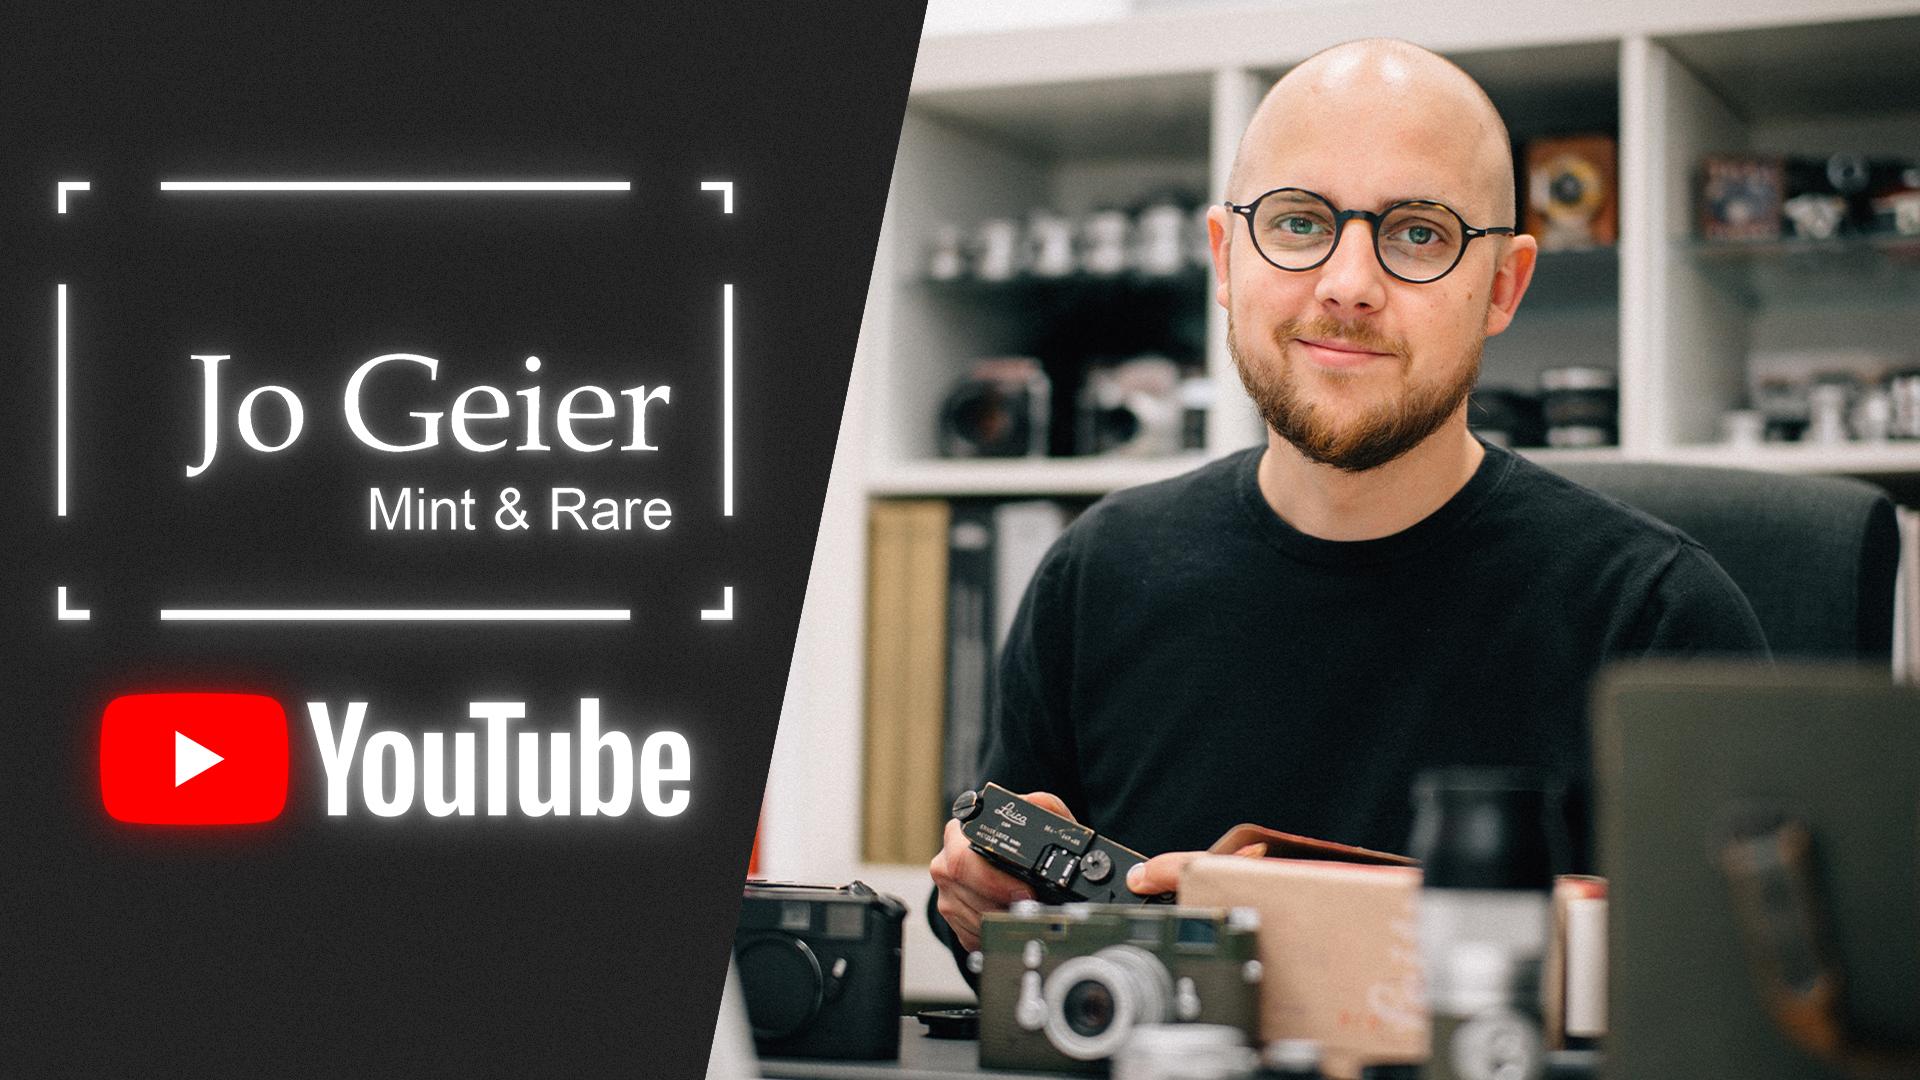 Now on YouTube - Jo Geier